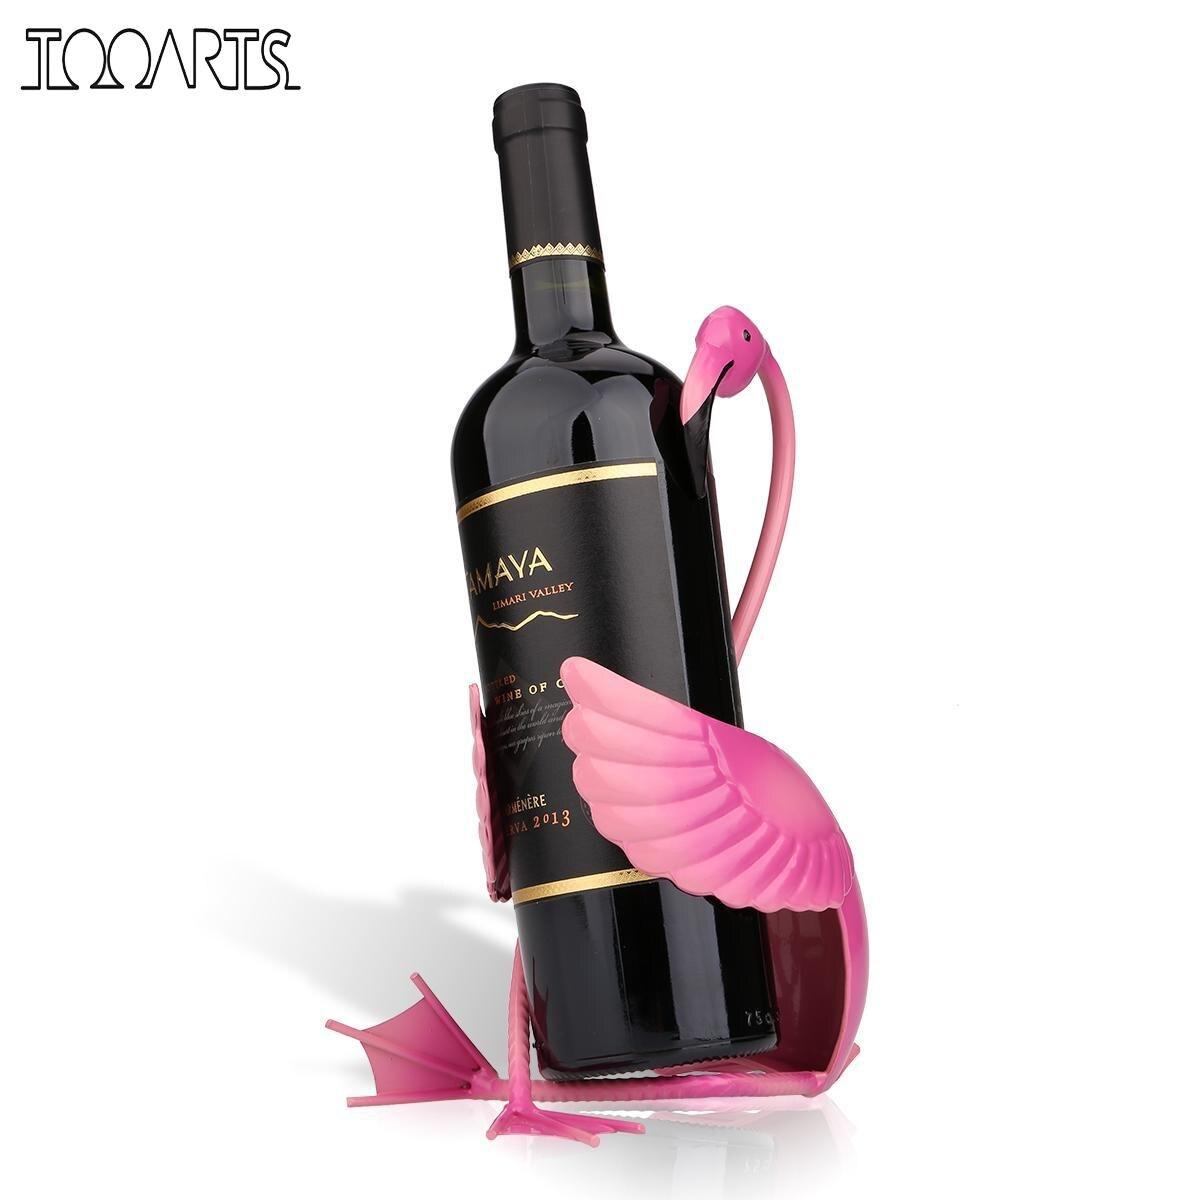 Tooarts Flamingo Wein Halter Wein Regal Metall Figurine Praktische Figurine Wein Rack Für Flasche Büro Wohnkultur Handwerk